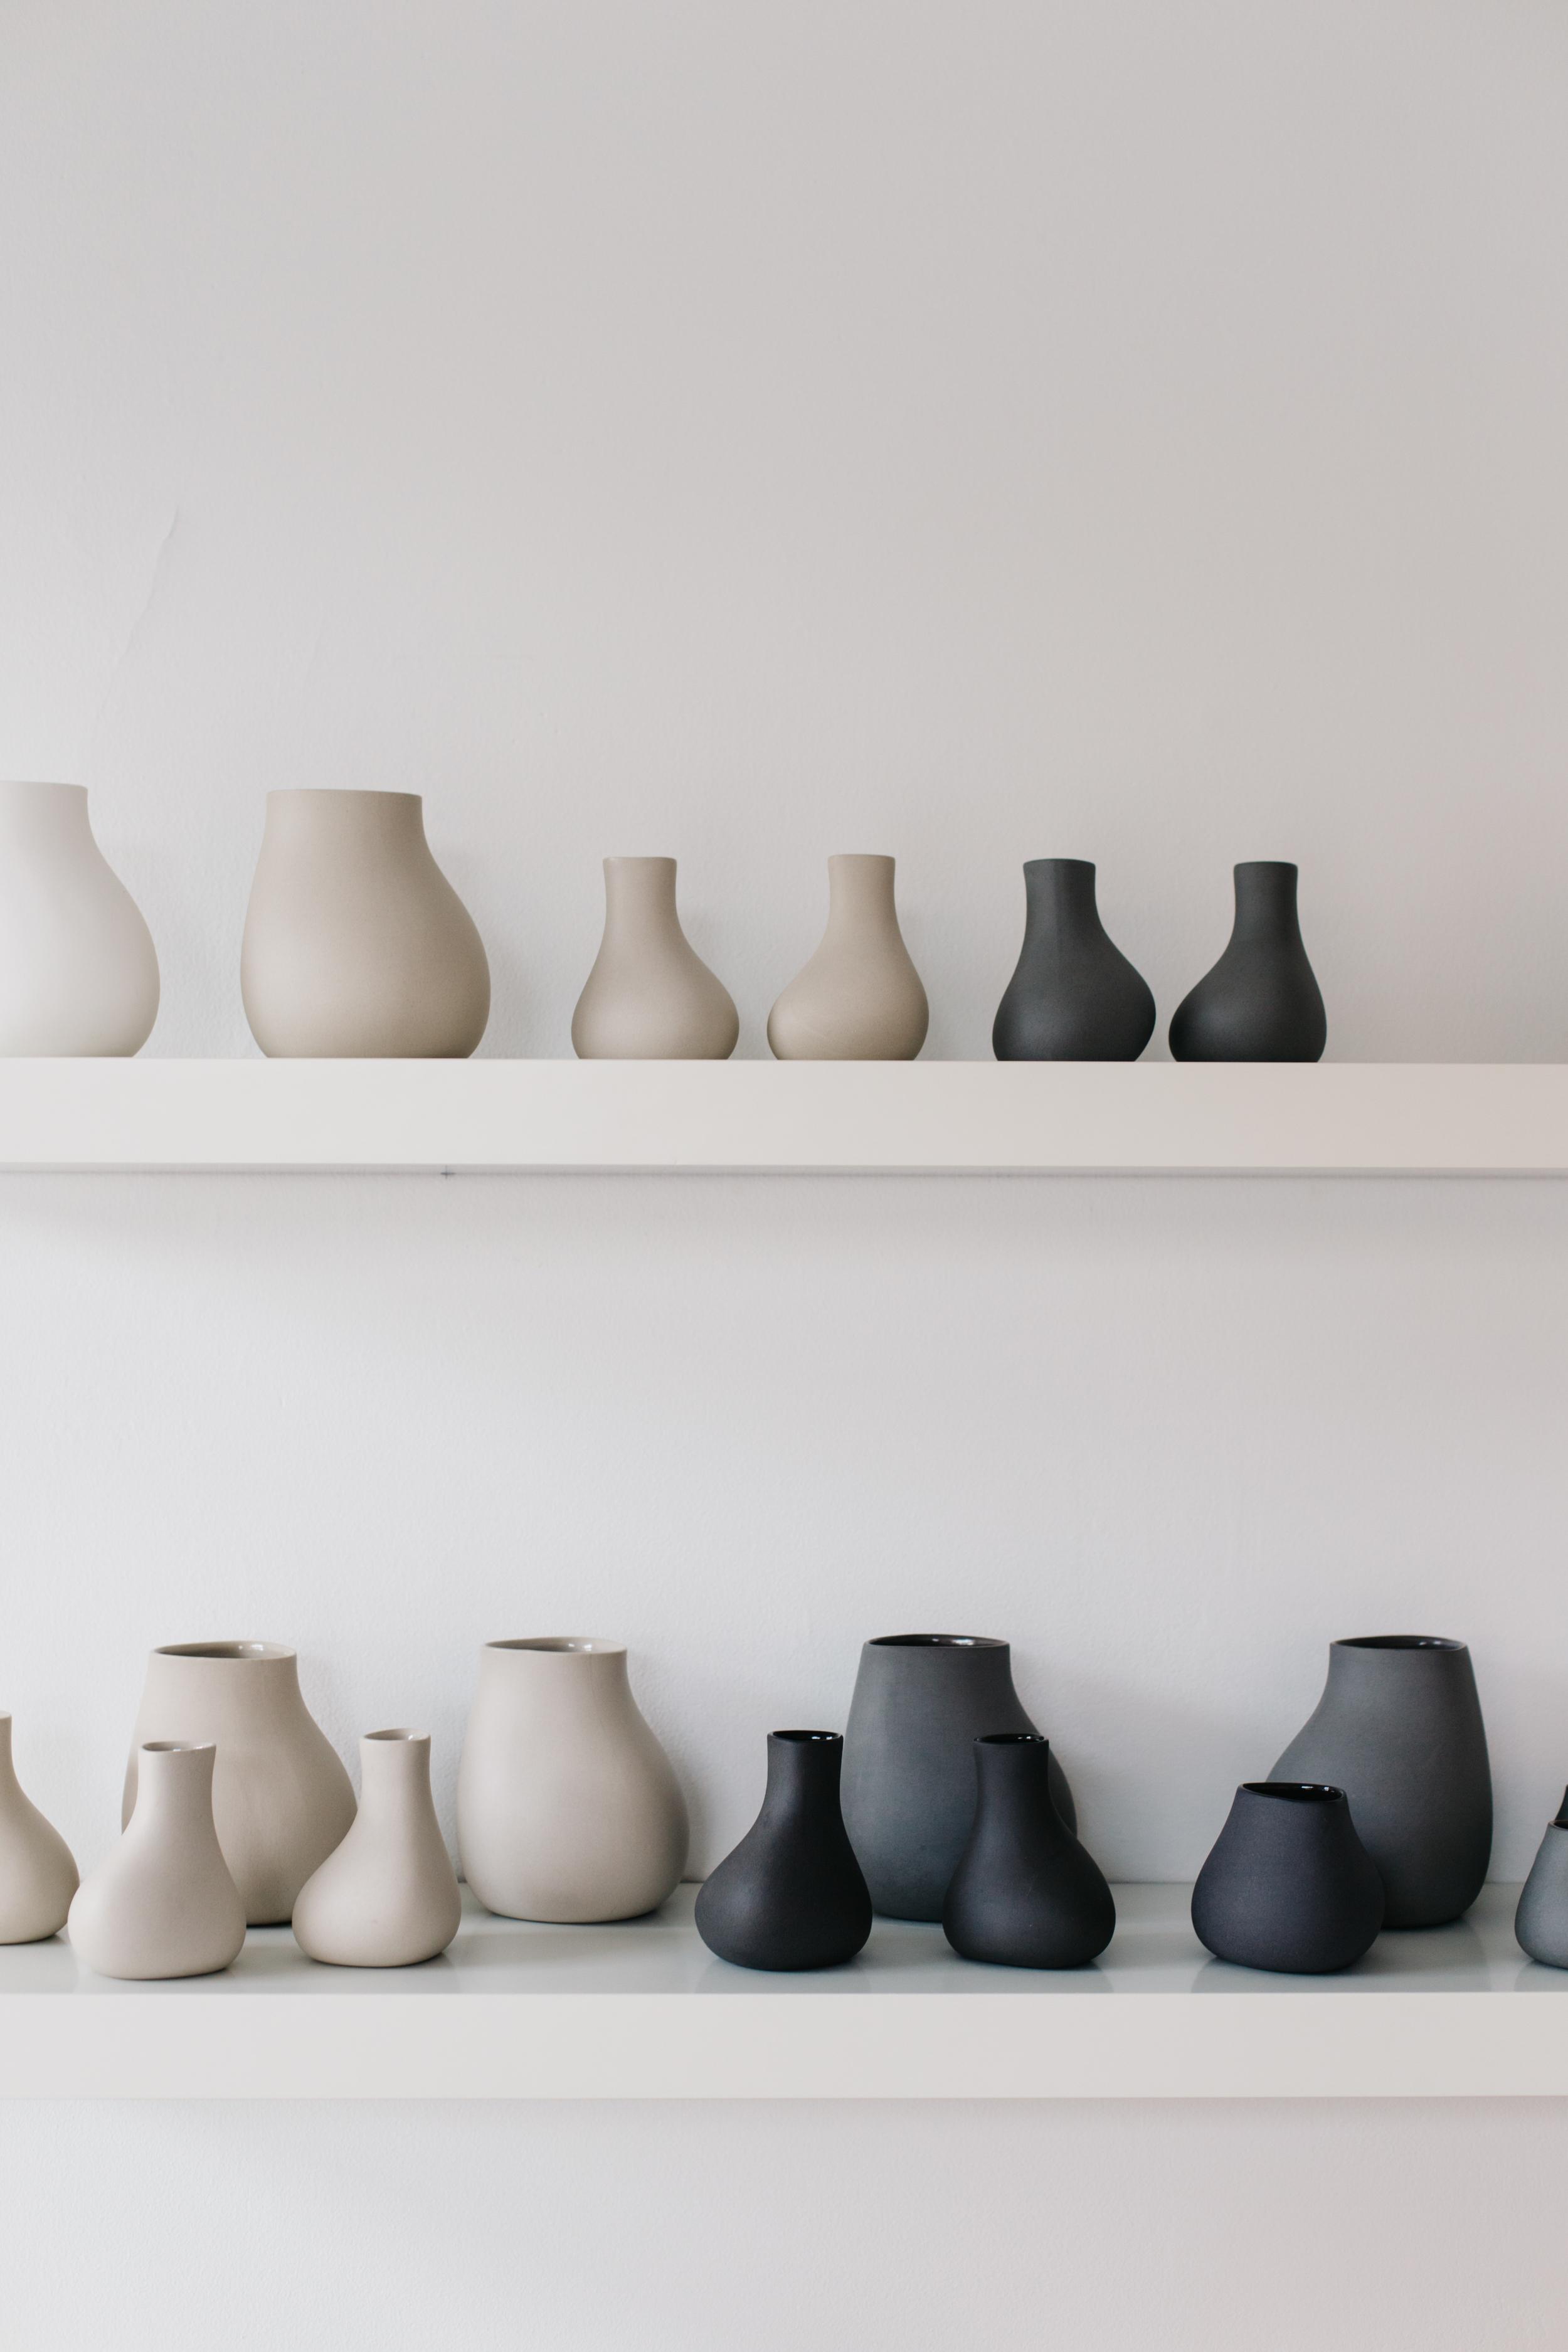 Keramik & Glasværkstedt (6 of 33).jpg